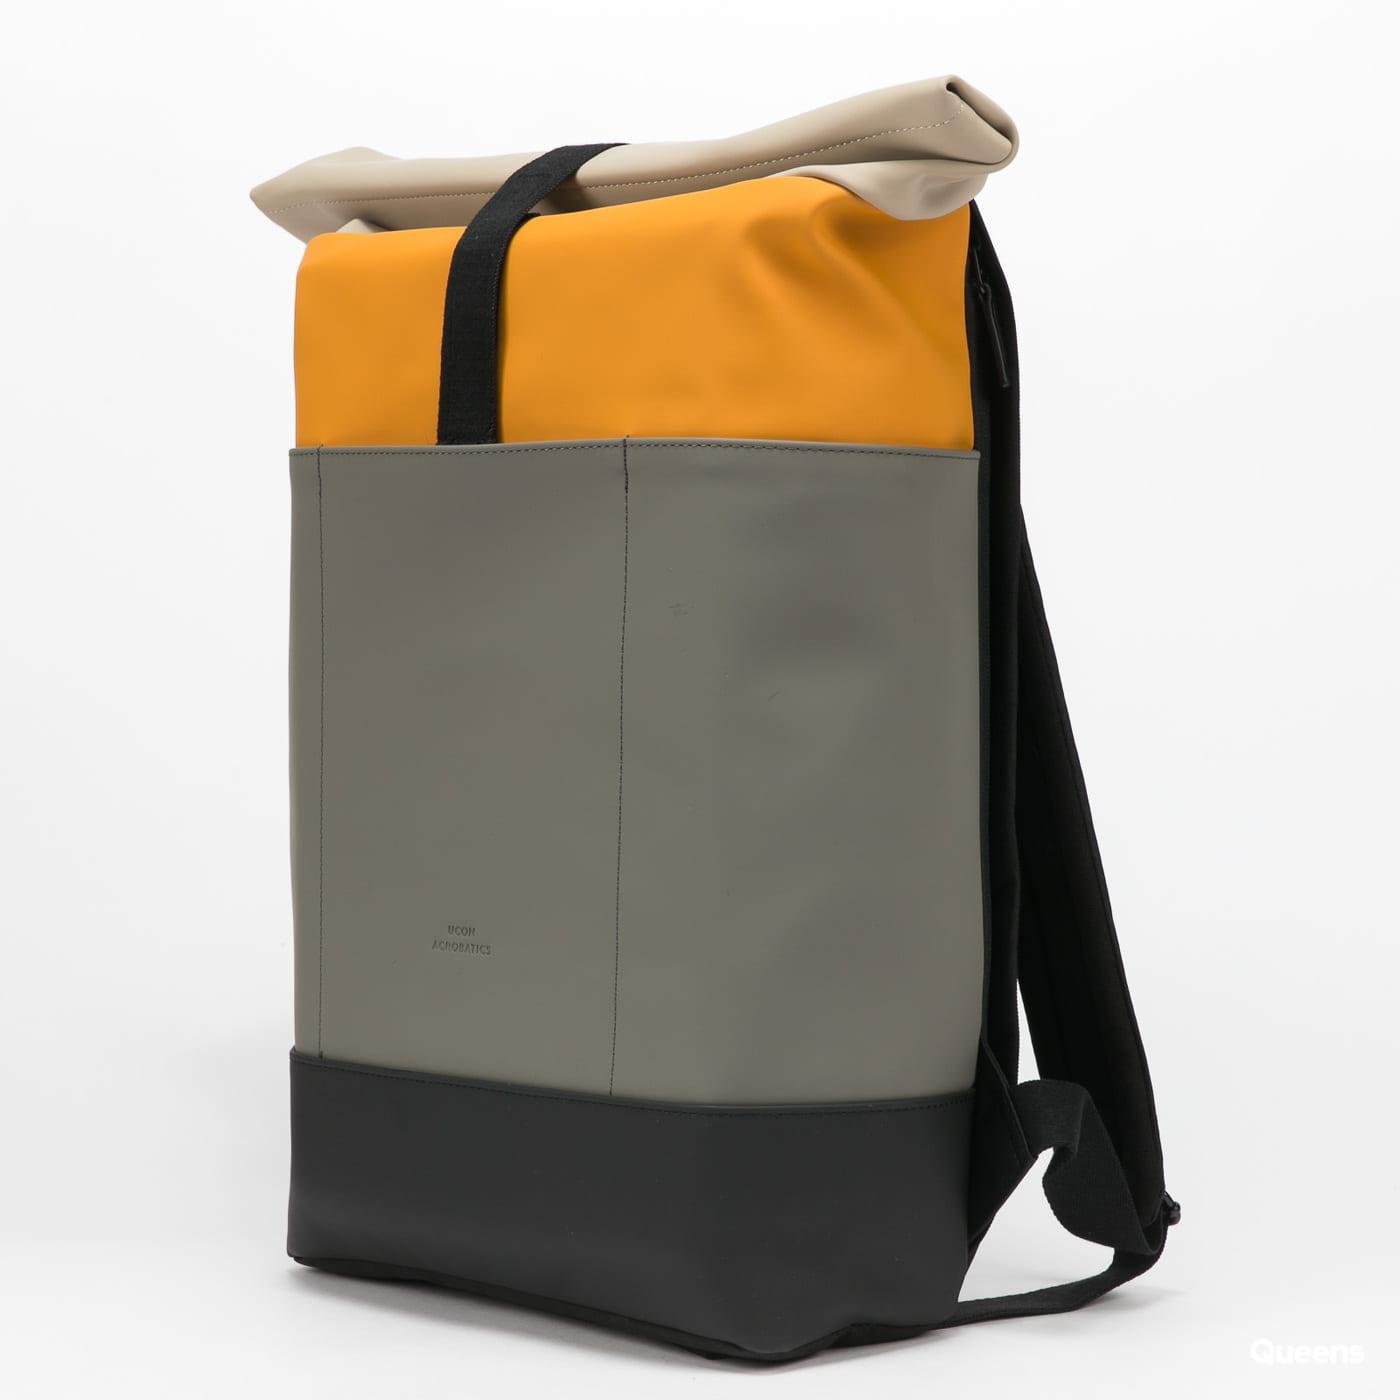 Ucon Acrobatics Hajo gray / yellow / beige